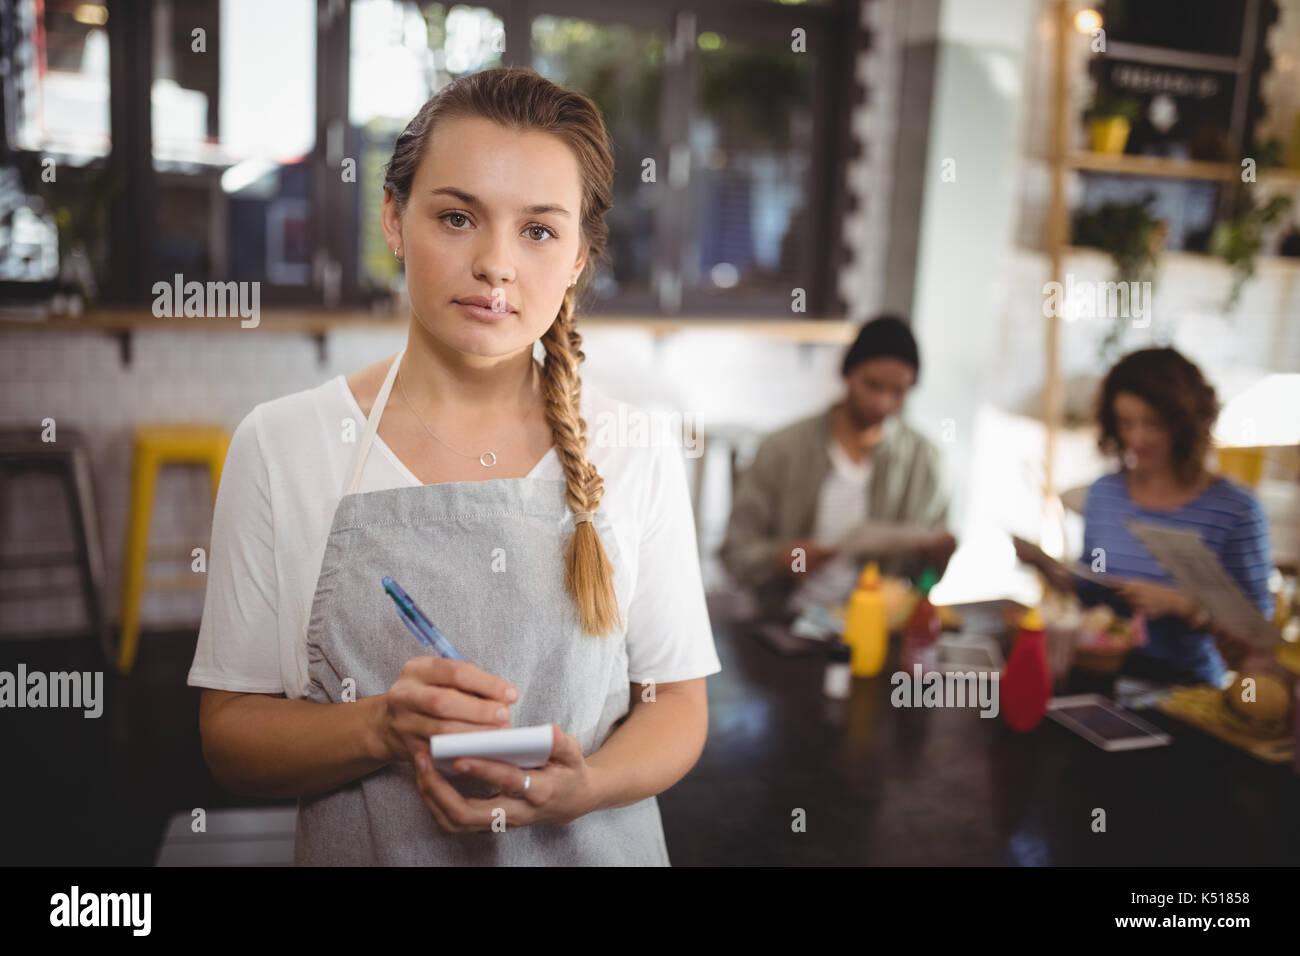 Retrato de seguros joven camarera de pie con el bloc de notas en el cafe Imagen De Stock